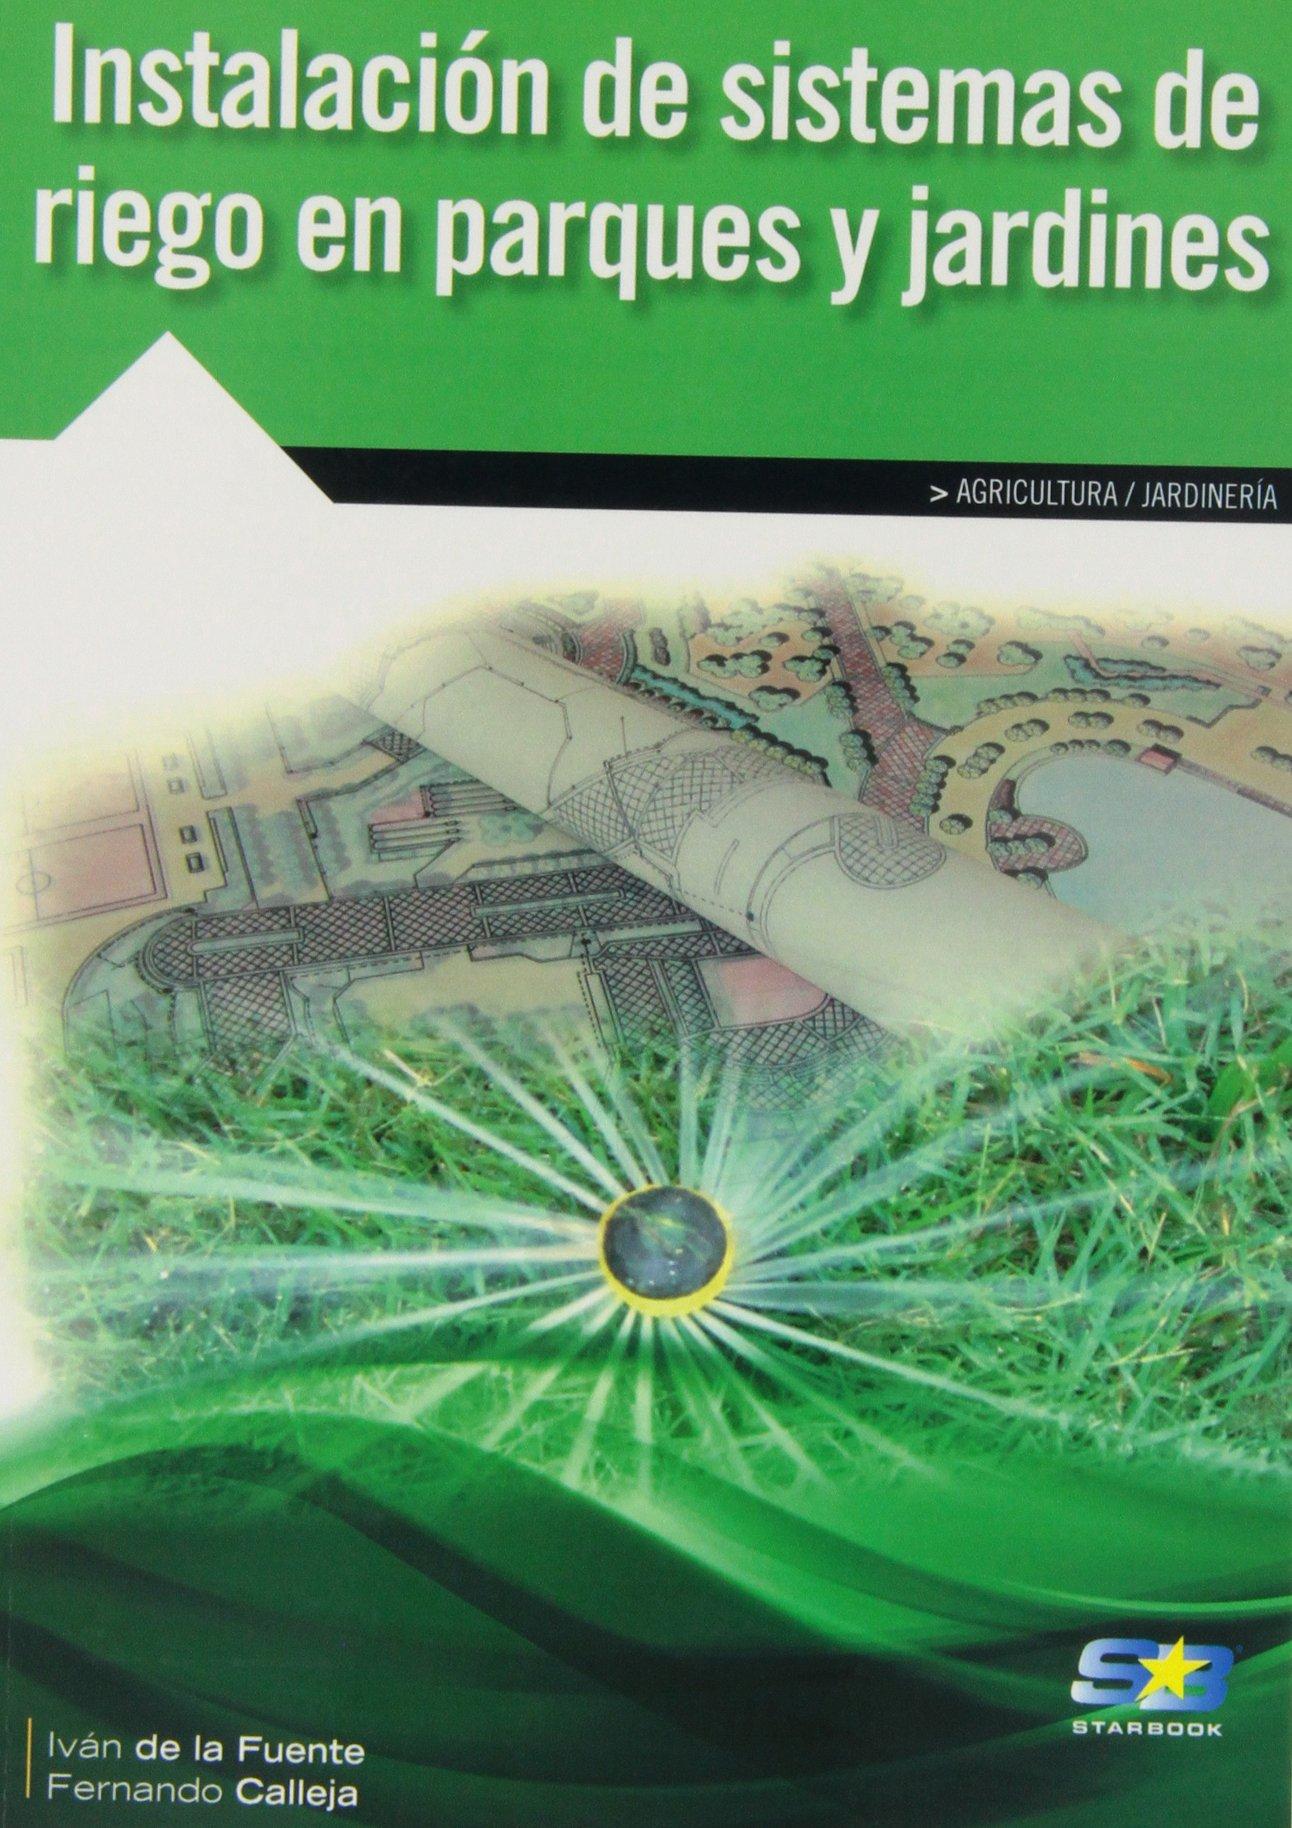 Instalación De Sistemas De Riego En Parques Y Jardines: Amazon.es: De la Fuente Magadán, Iván, Calleja Fernández, Fernando, GARCIA TOME, ANTONIO: Libros